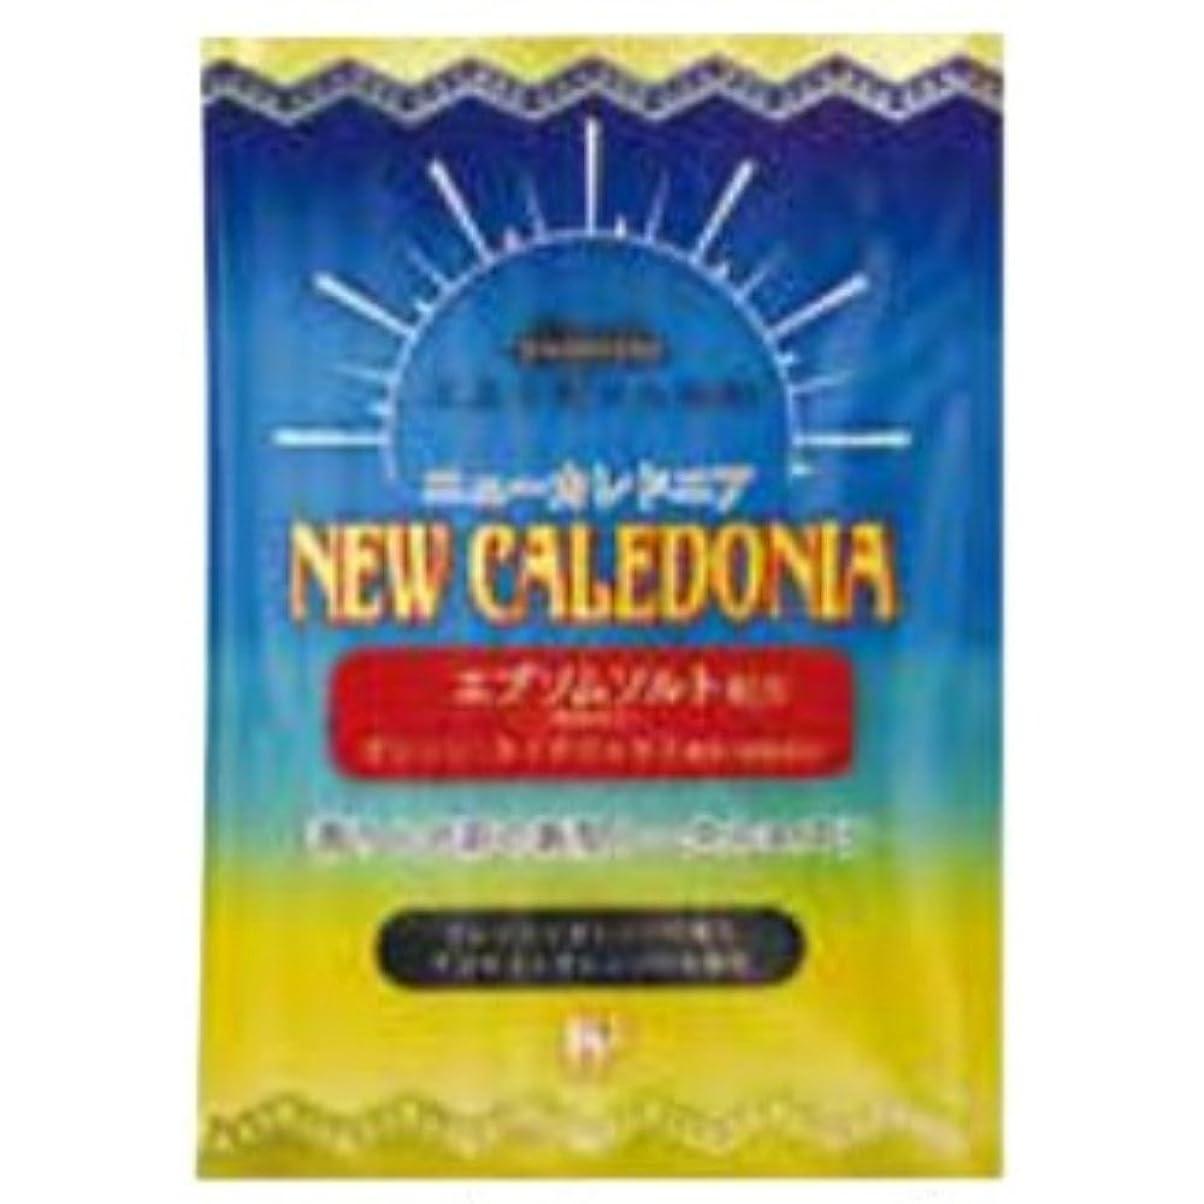 アルバム退化する作動するエステ気分入浴剤 アロマプレミアム ニューカレドニア 40g ヘルス